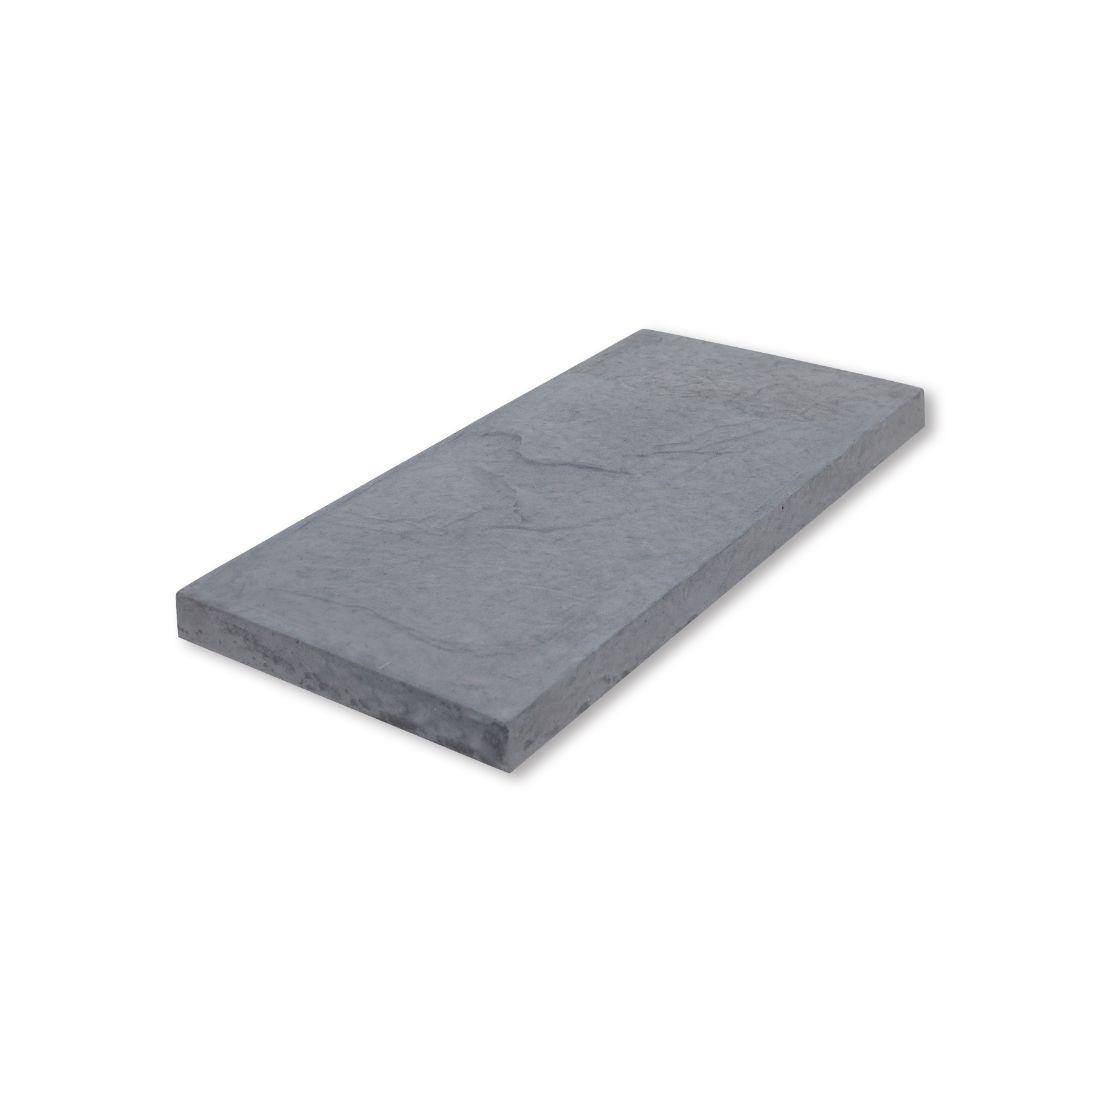 Romani Concrete Paver 600 x 300 x 37mm Grey River